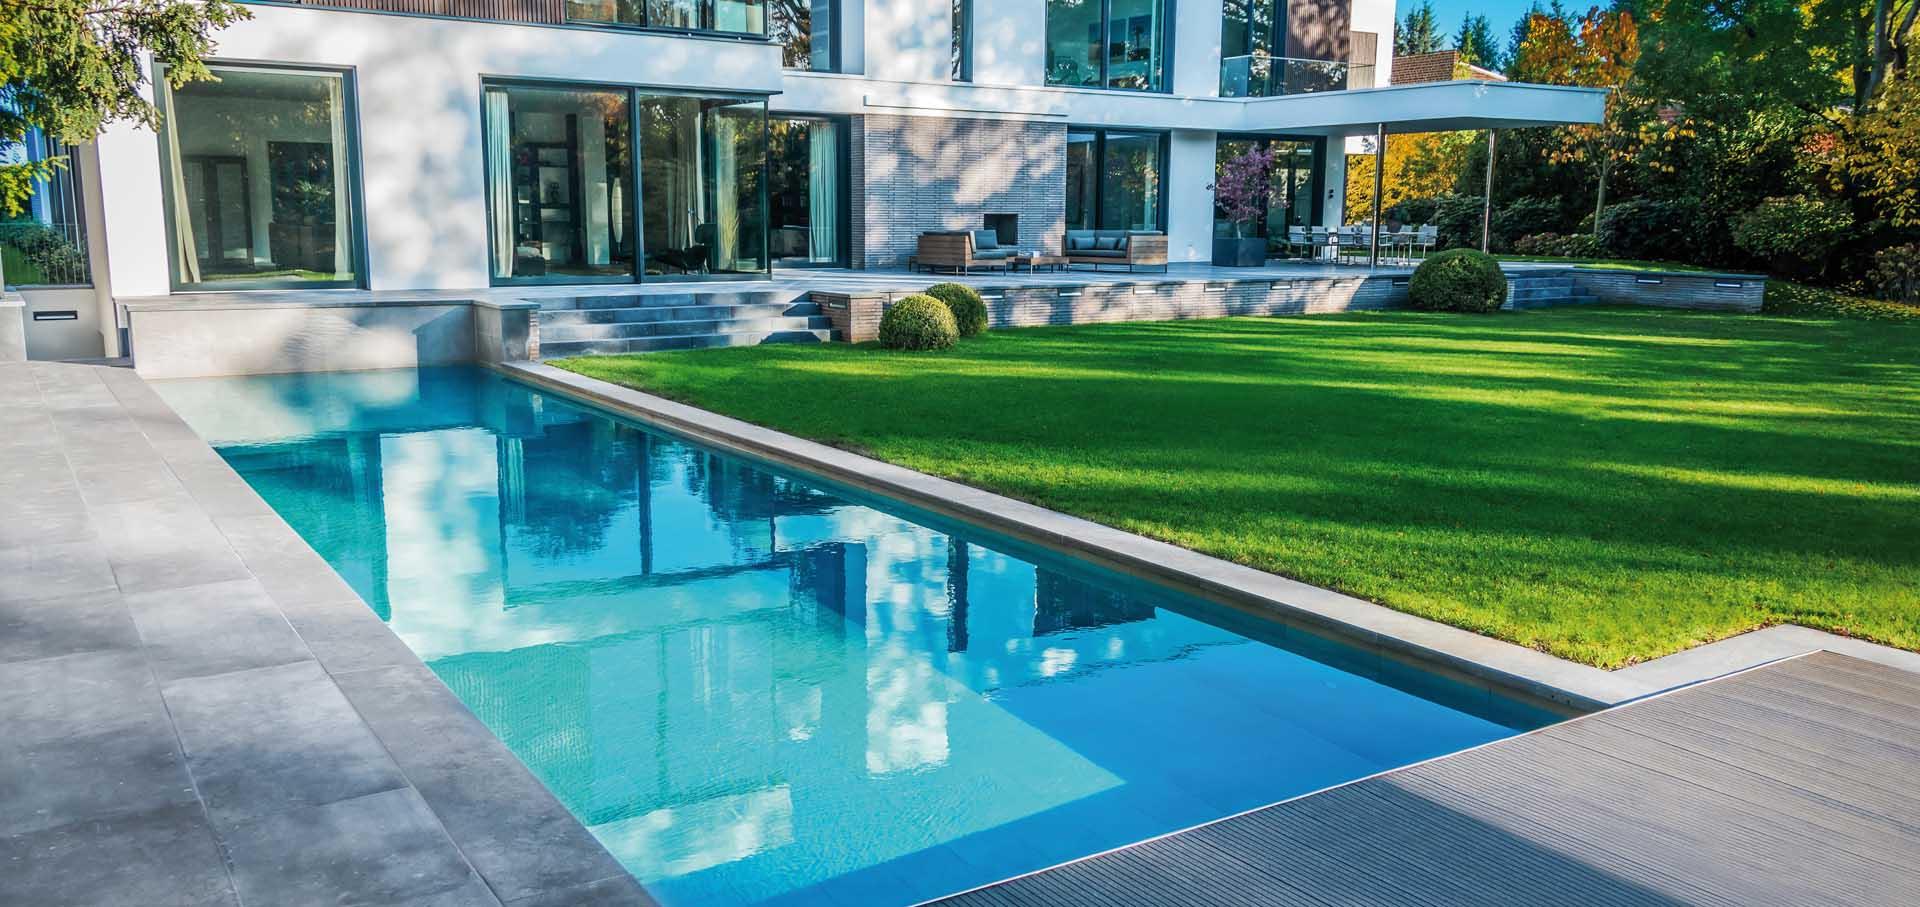 ortmanns schwimmbadbau planung montage sanierung wartung. Black Bedroom Furniture Sets. Home Design Ideas